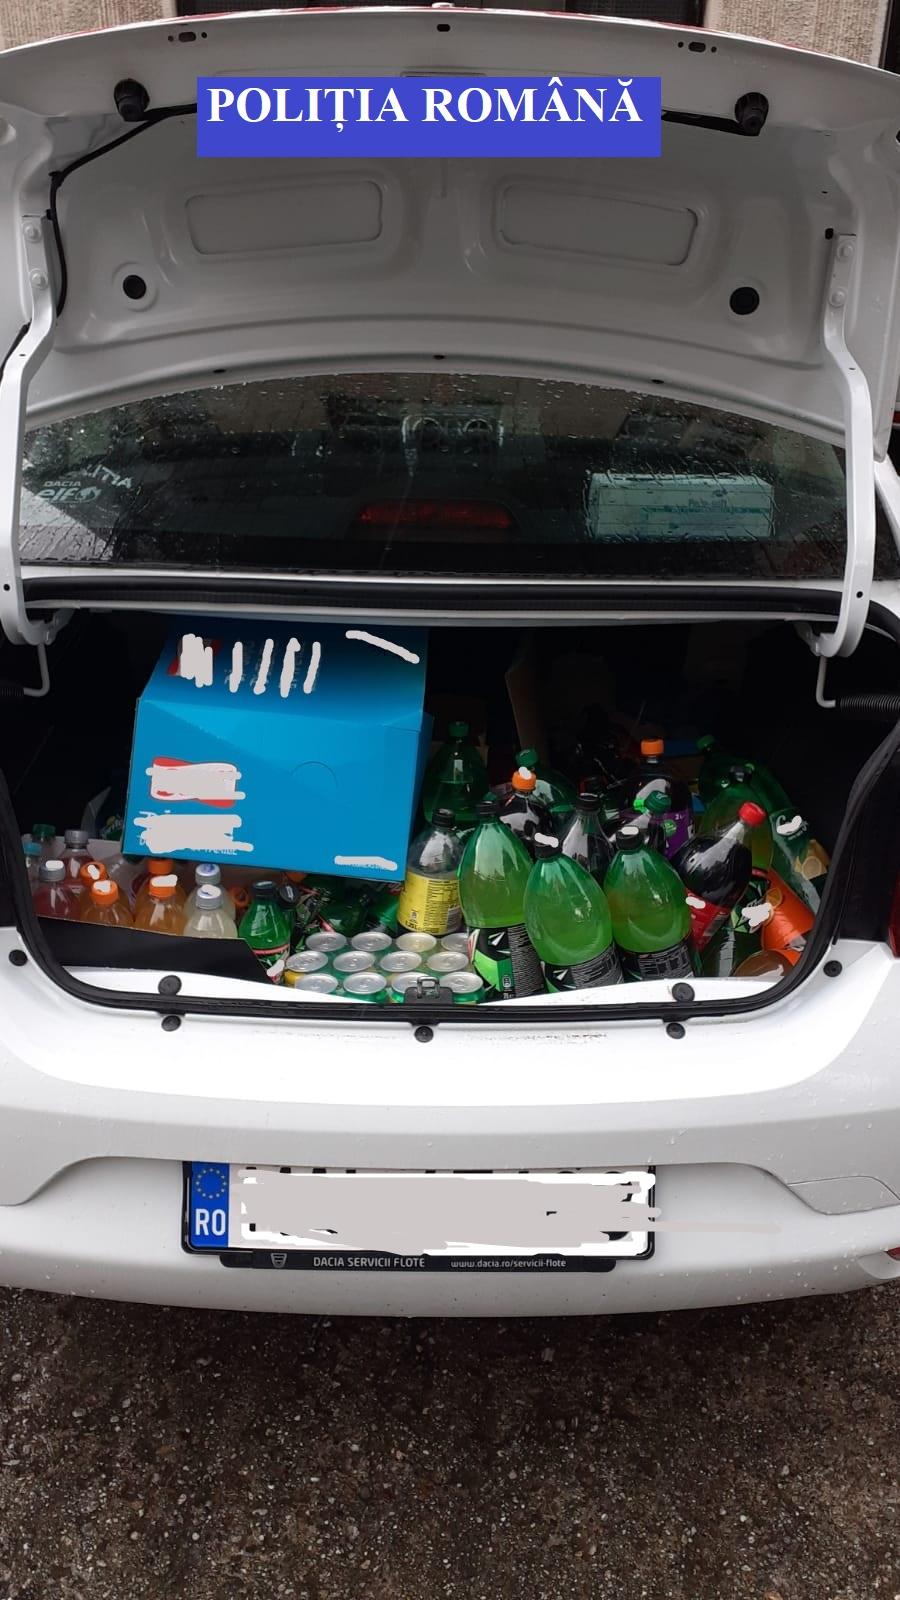 Polițiștii Secției 7 Poliție Rurală Sebeș au confiscat produse alimentare expirate, în valoare de 600 de lei, în urma unor controale efectuate comercianți din mediul rural